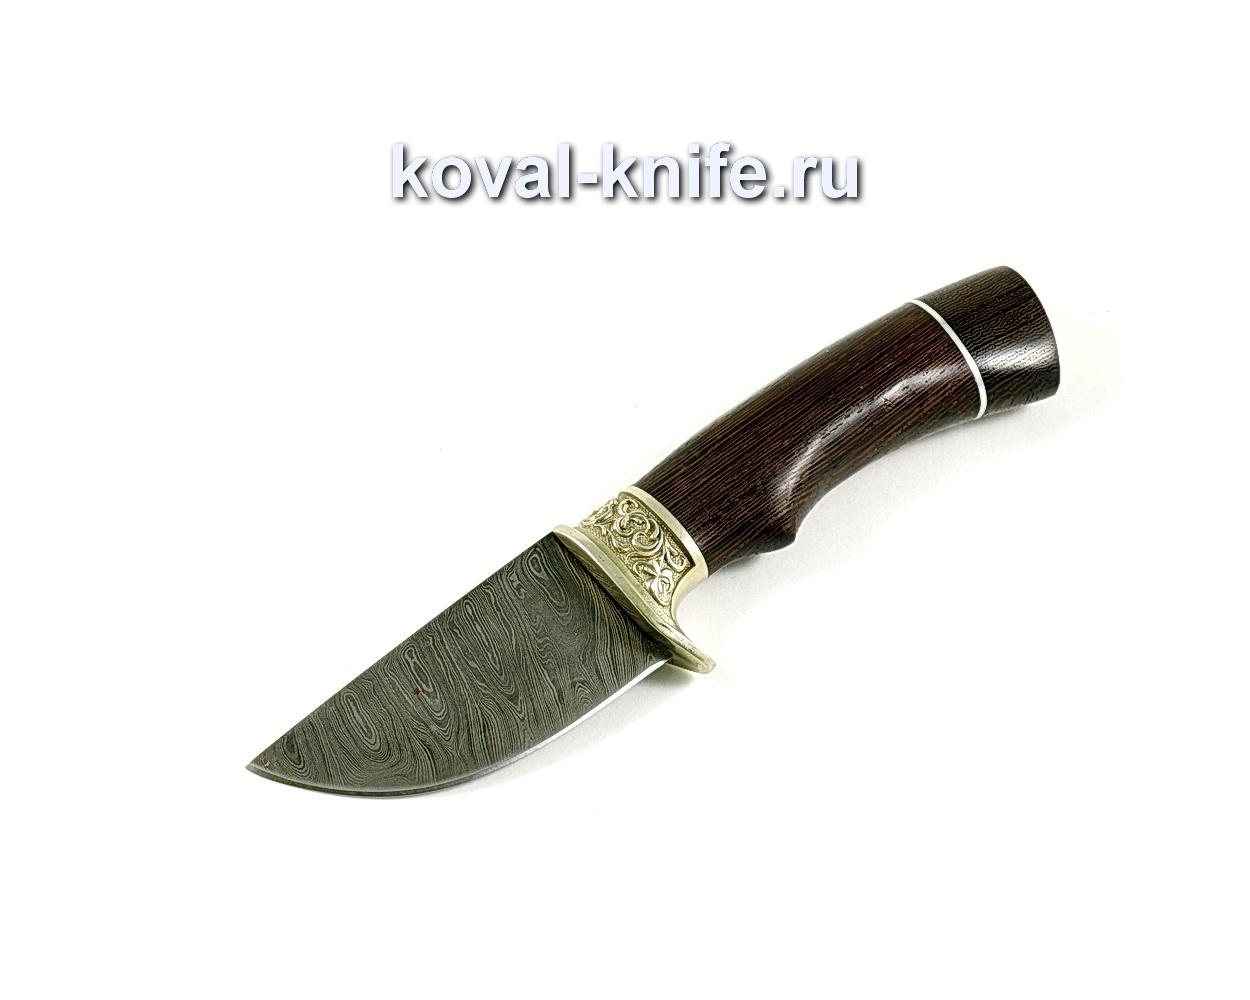 Нож Скин (сталь Дамасская), рукоять венге, литье A234